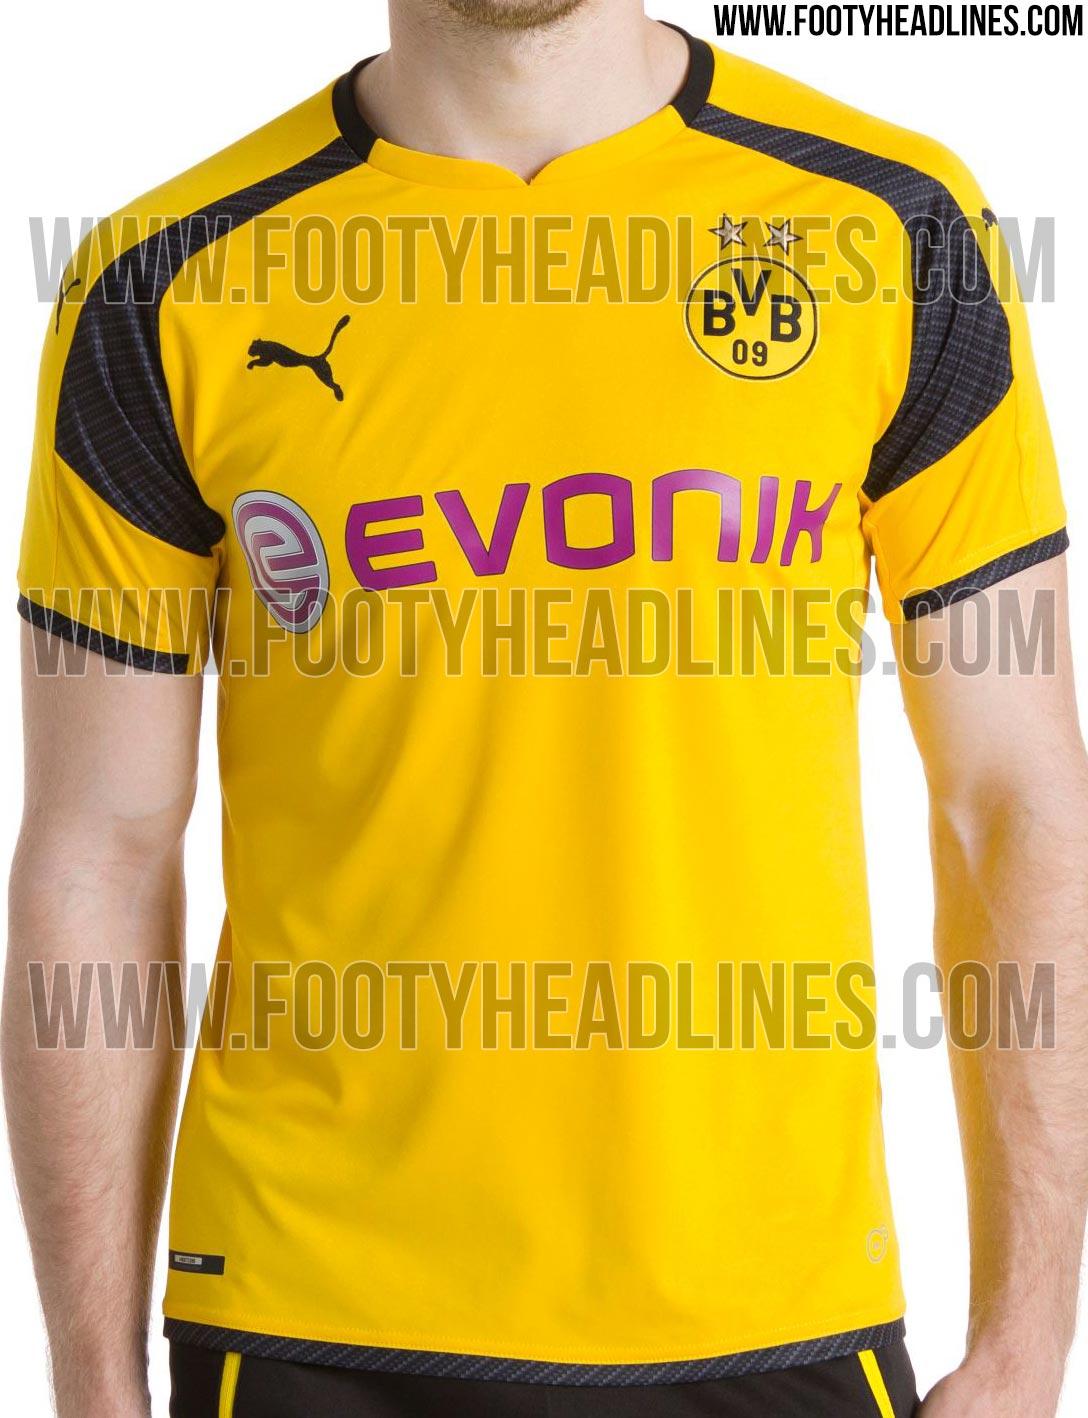 Camisetas de fútbol 2016 2017  análisis de las equipaciones de Real ... 607f632f258f4